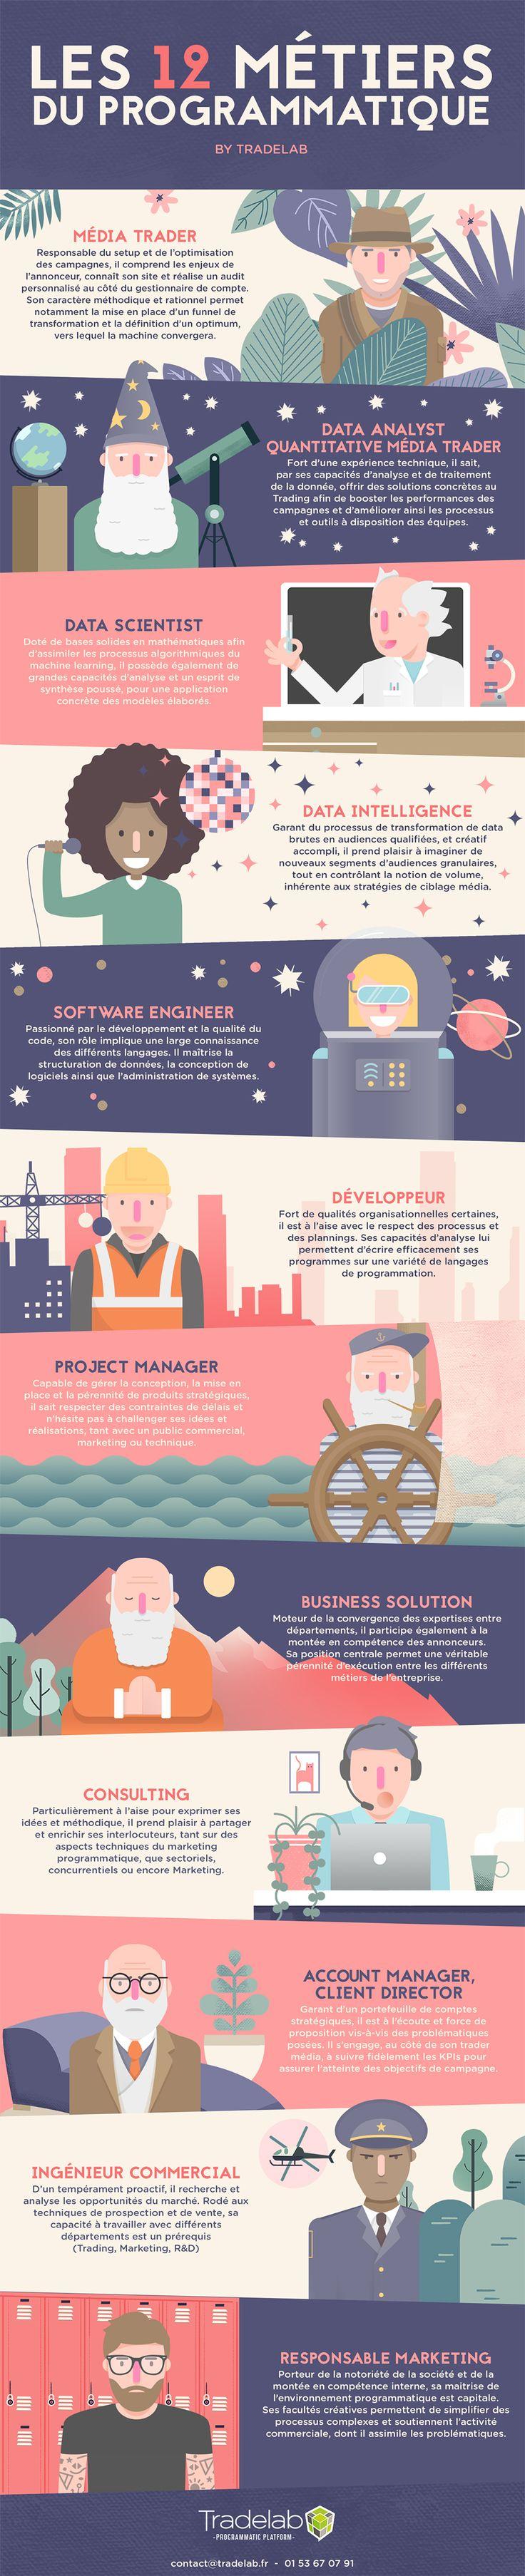 http://www.offremedia.com/infographie-les-12-metiers-du-programmatique-selon-tradelab